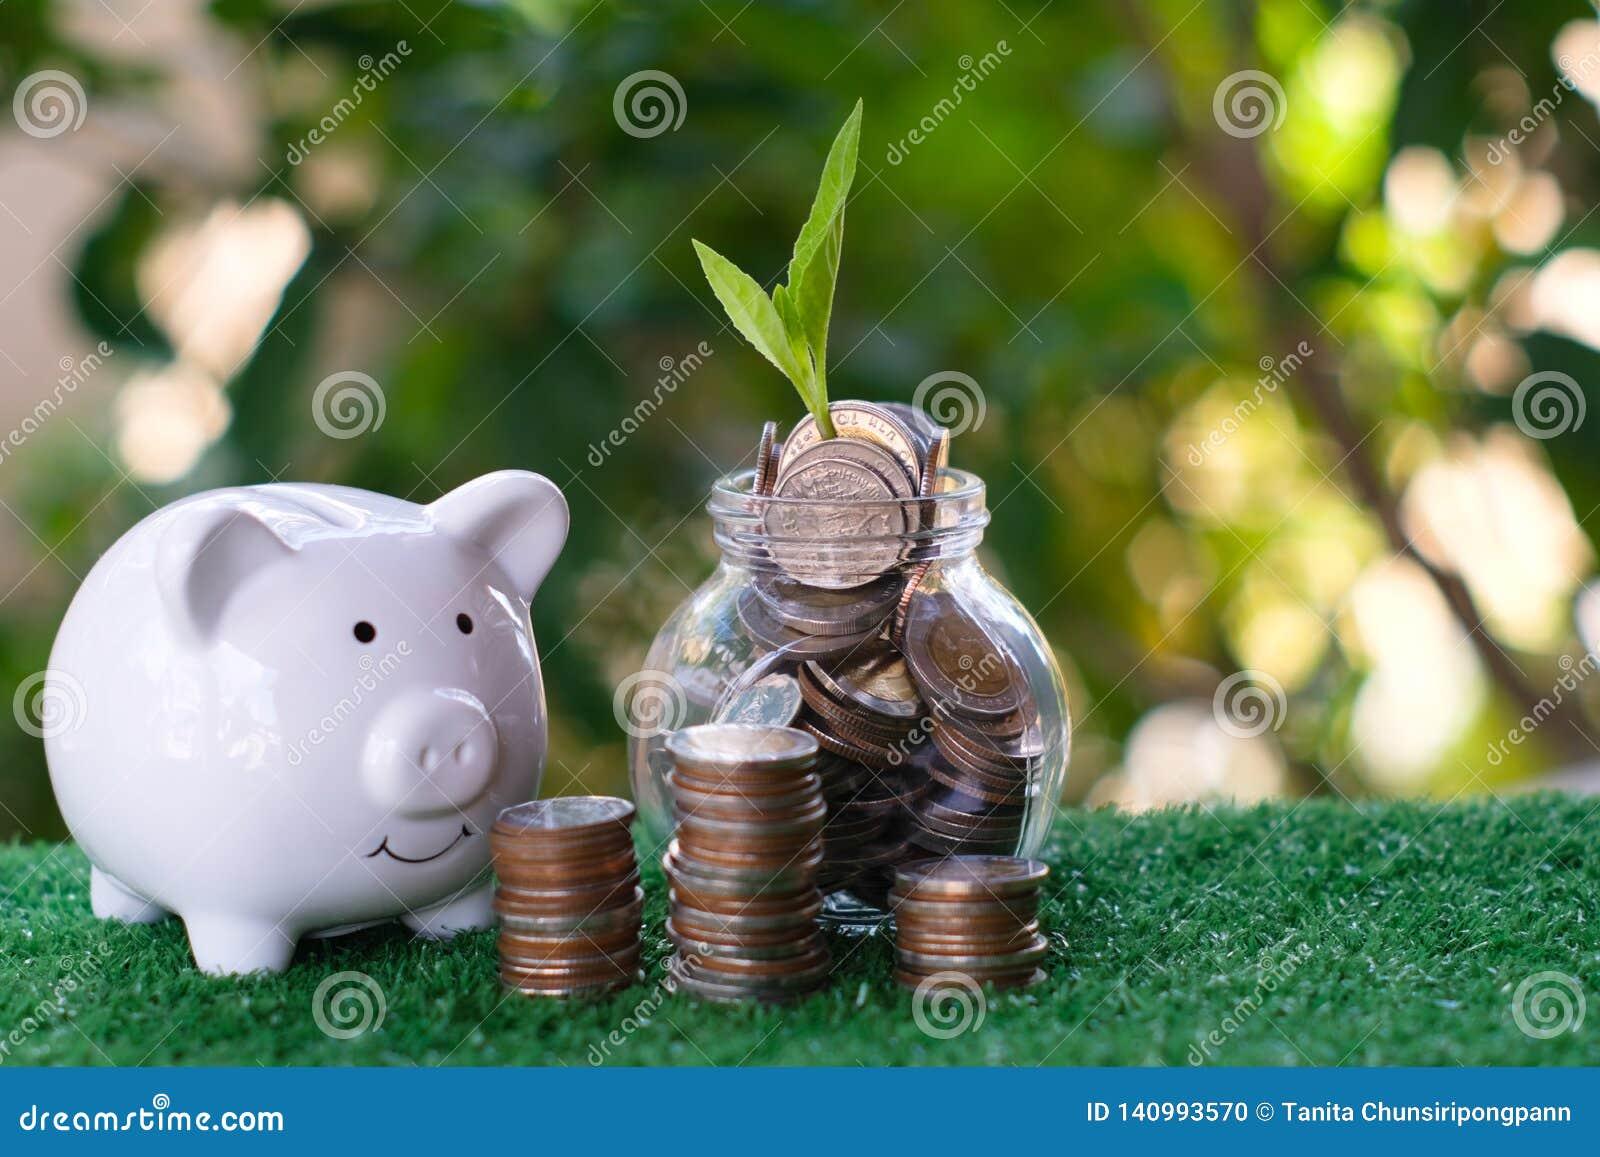 Prosiątko bank, stos i monety Rośliny dorośnięcie od stosu monety odnosić sie oszczędzania i inwestycji pojęcie